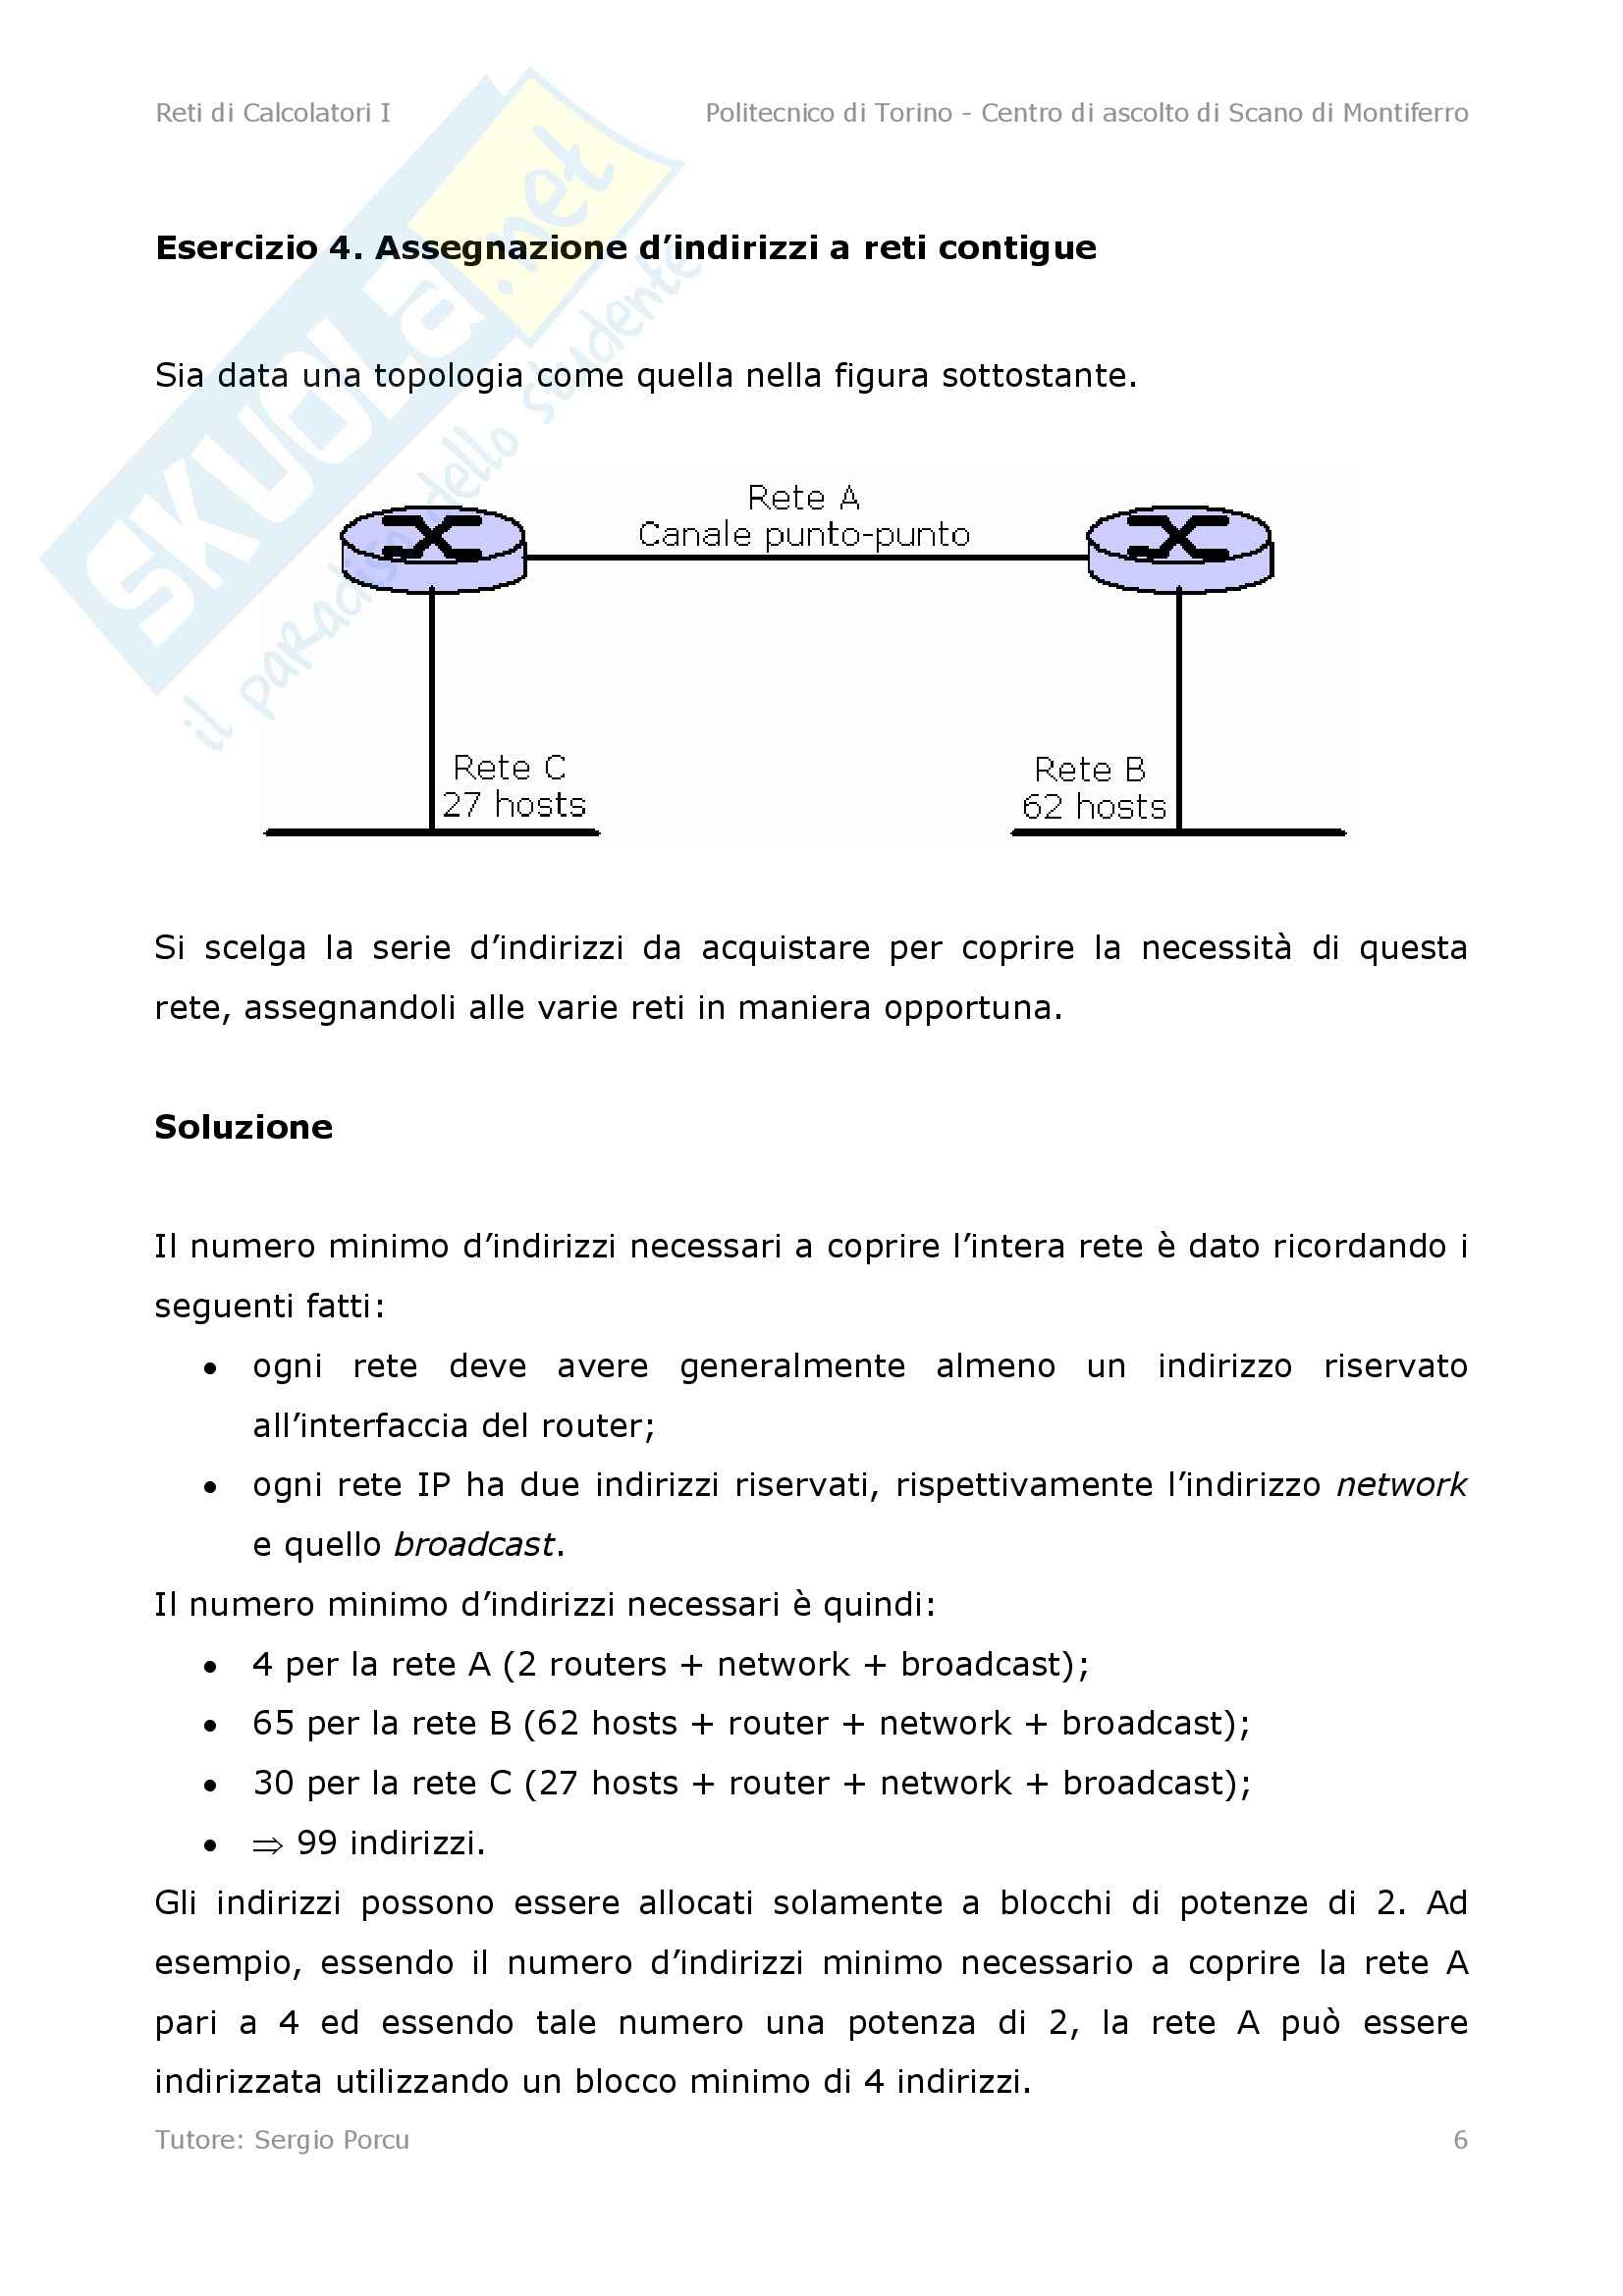 Reti di Calcolatori - esercizi d'indirizzamento per reti IP Pag. 6